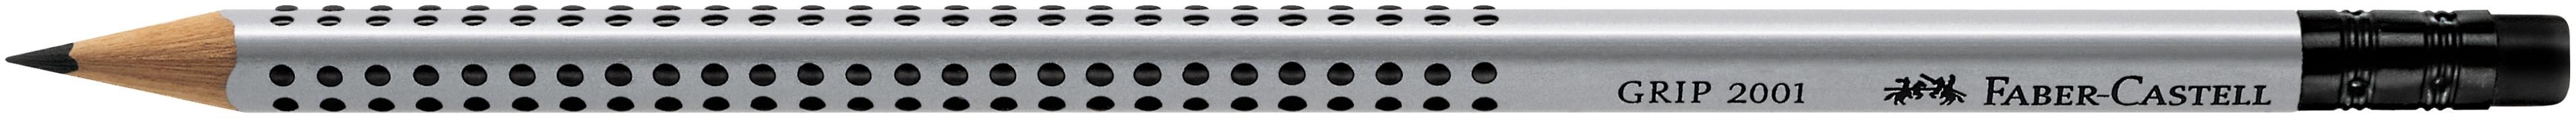 Vorschau: Faber-Castell Bleistift GRIP 2001 - HB, mit Radierer, silbergrau